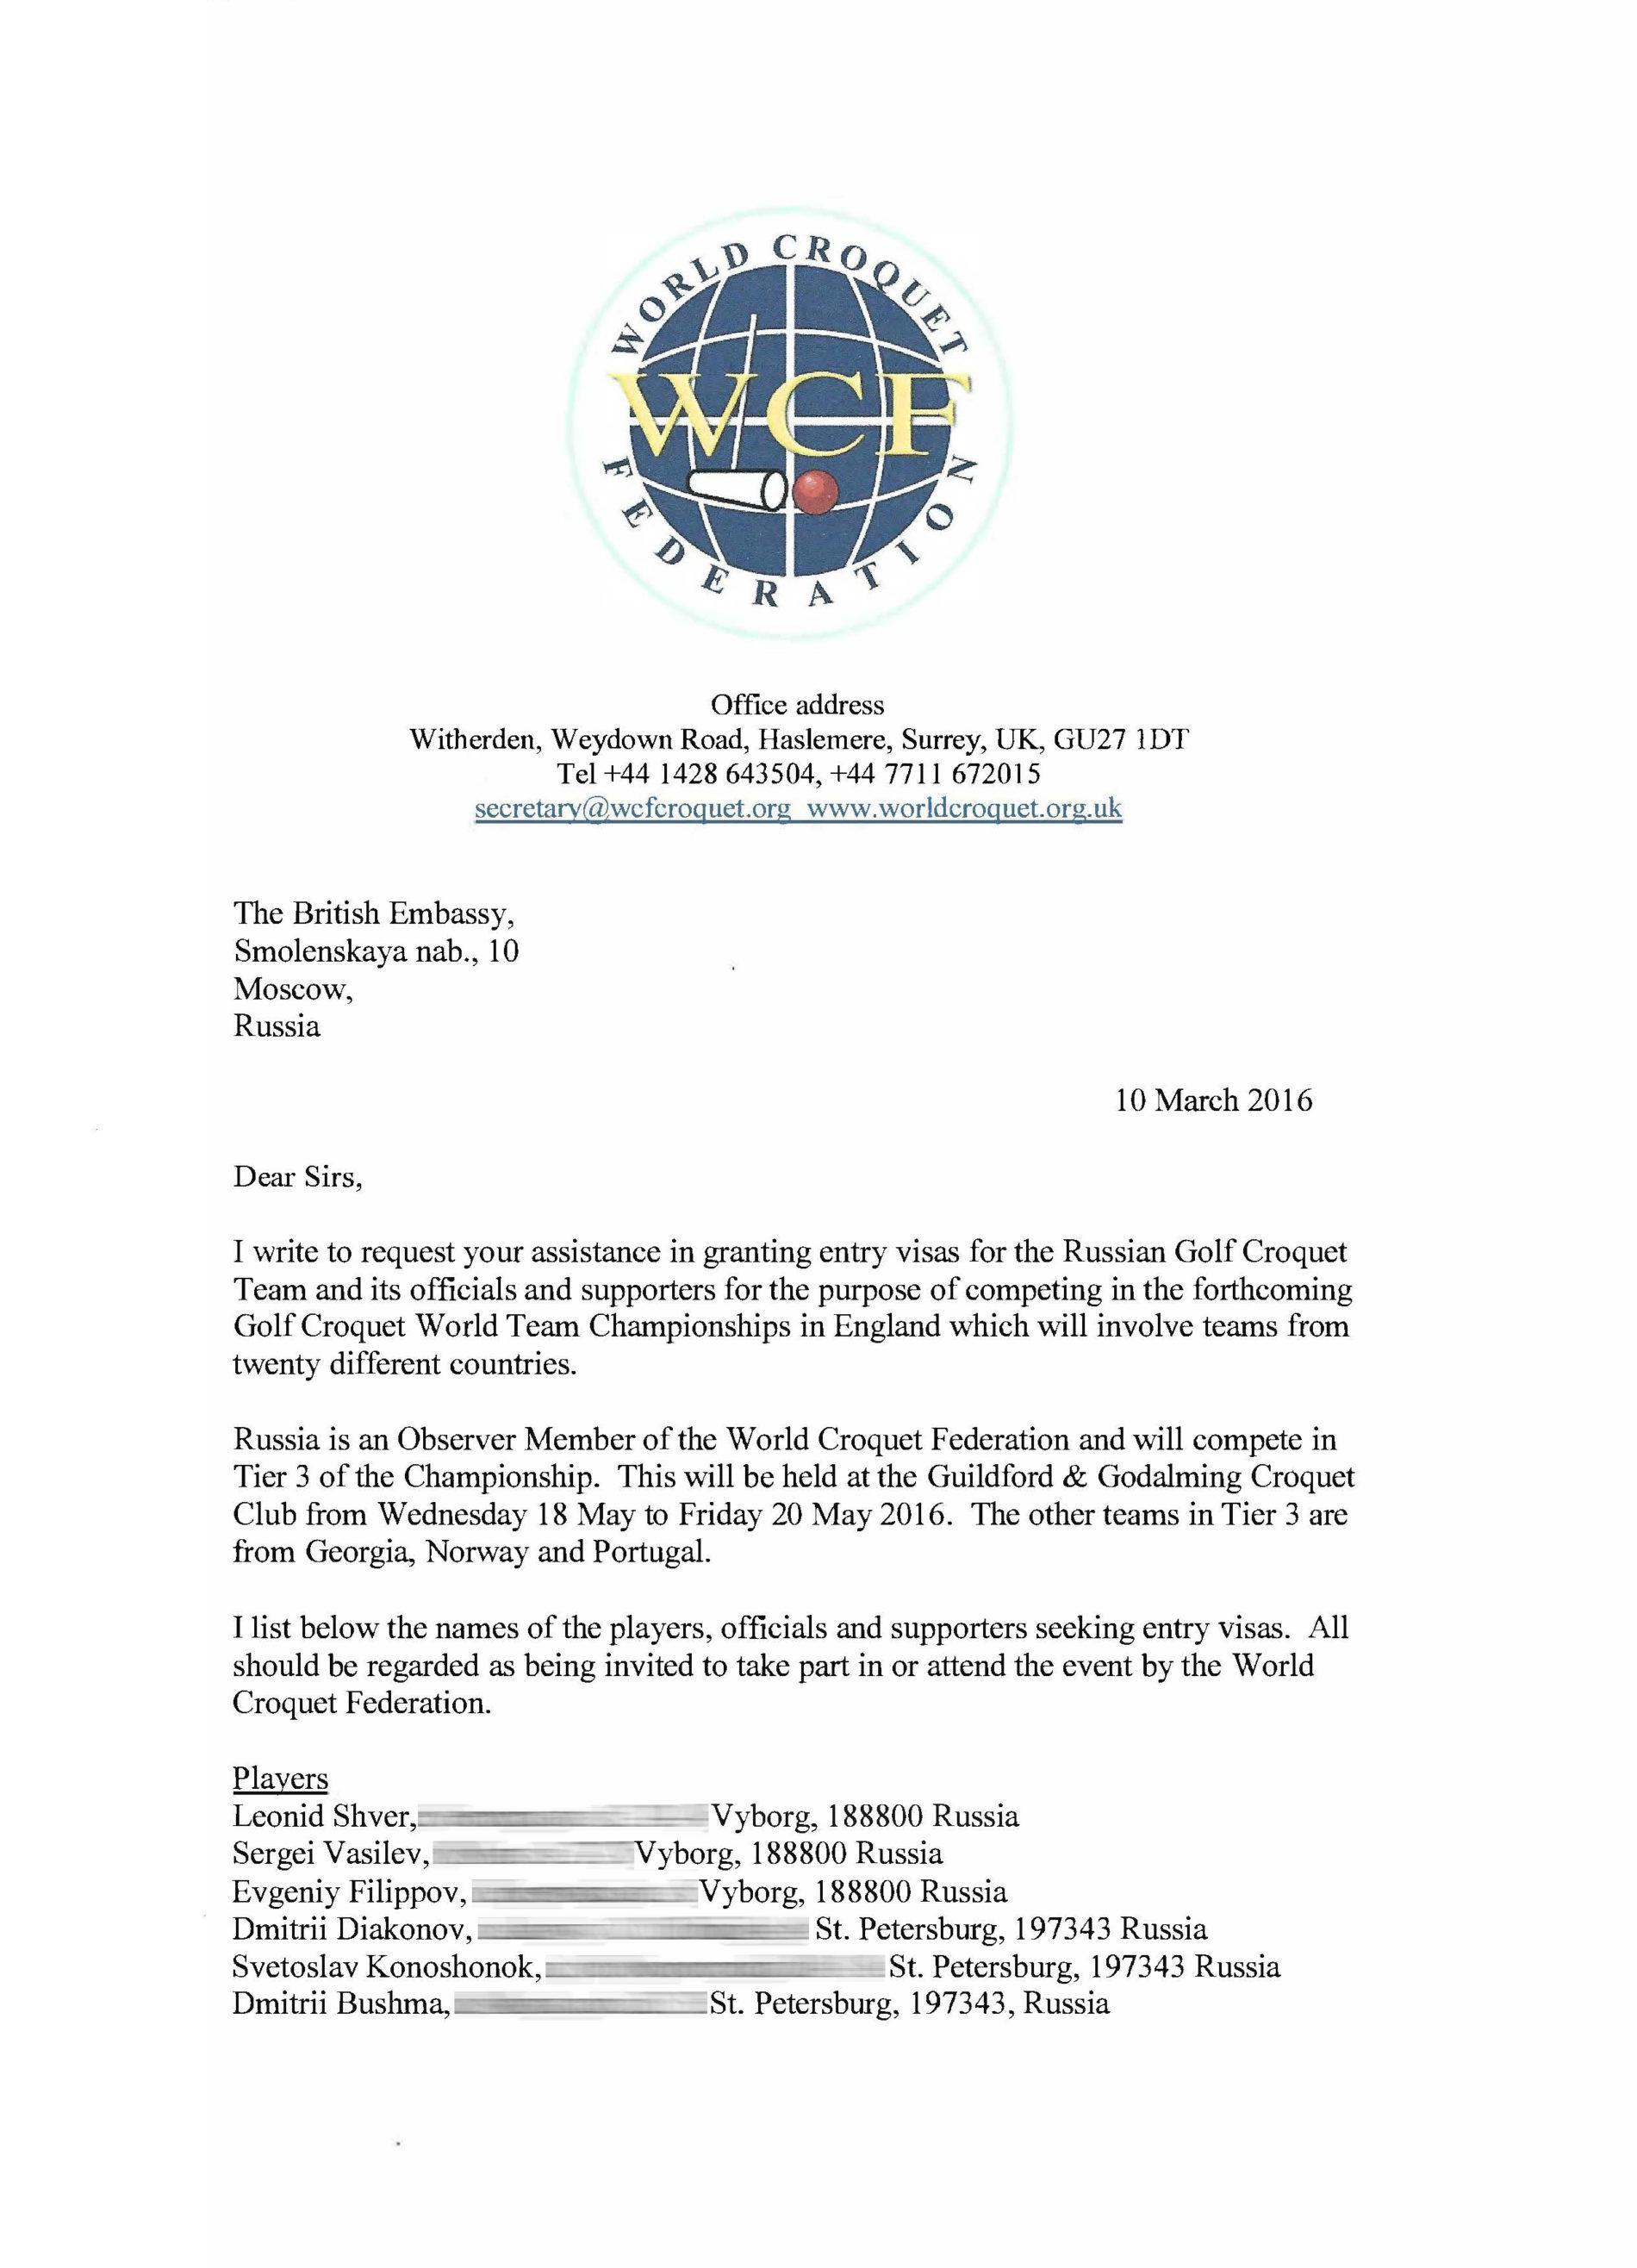 письмо от Всемирной Федерации Крокета (WCF) в Британское консульство в Москве.